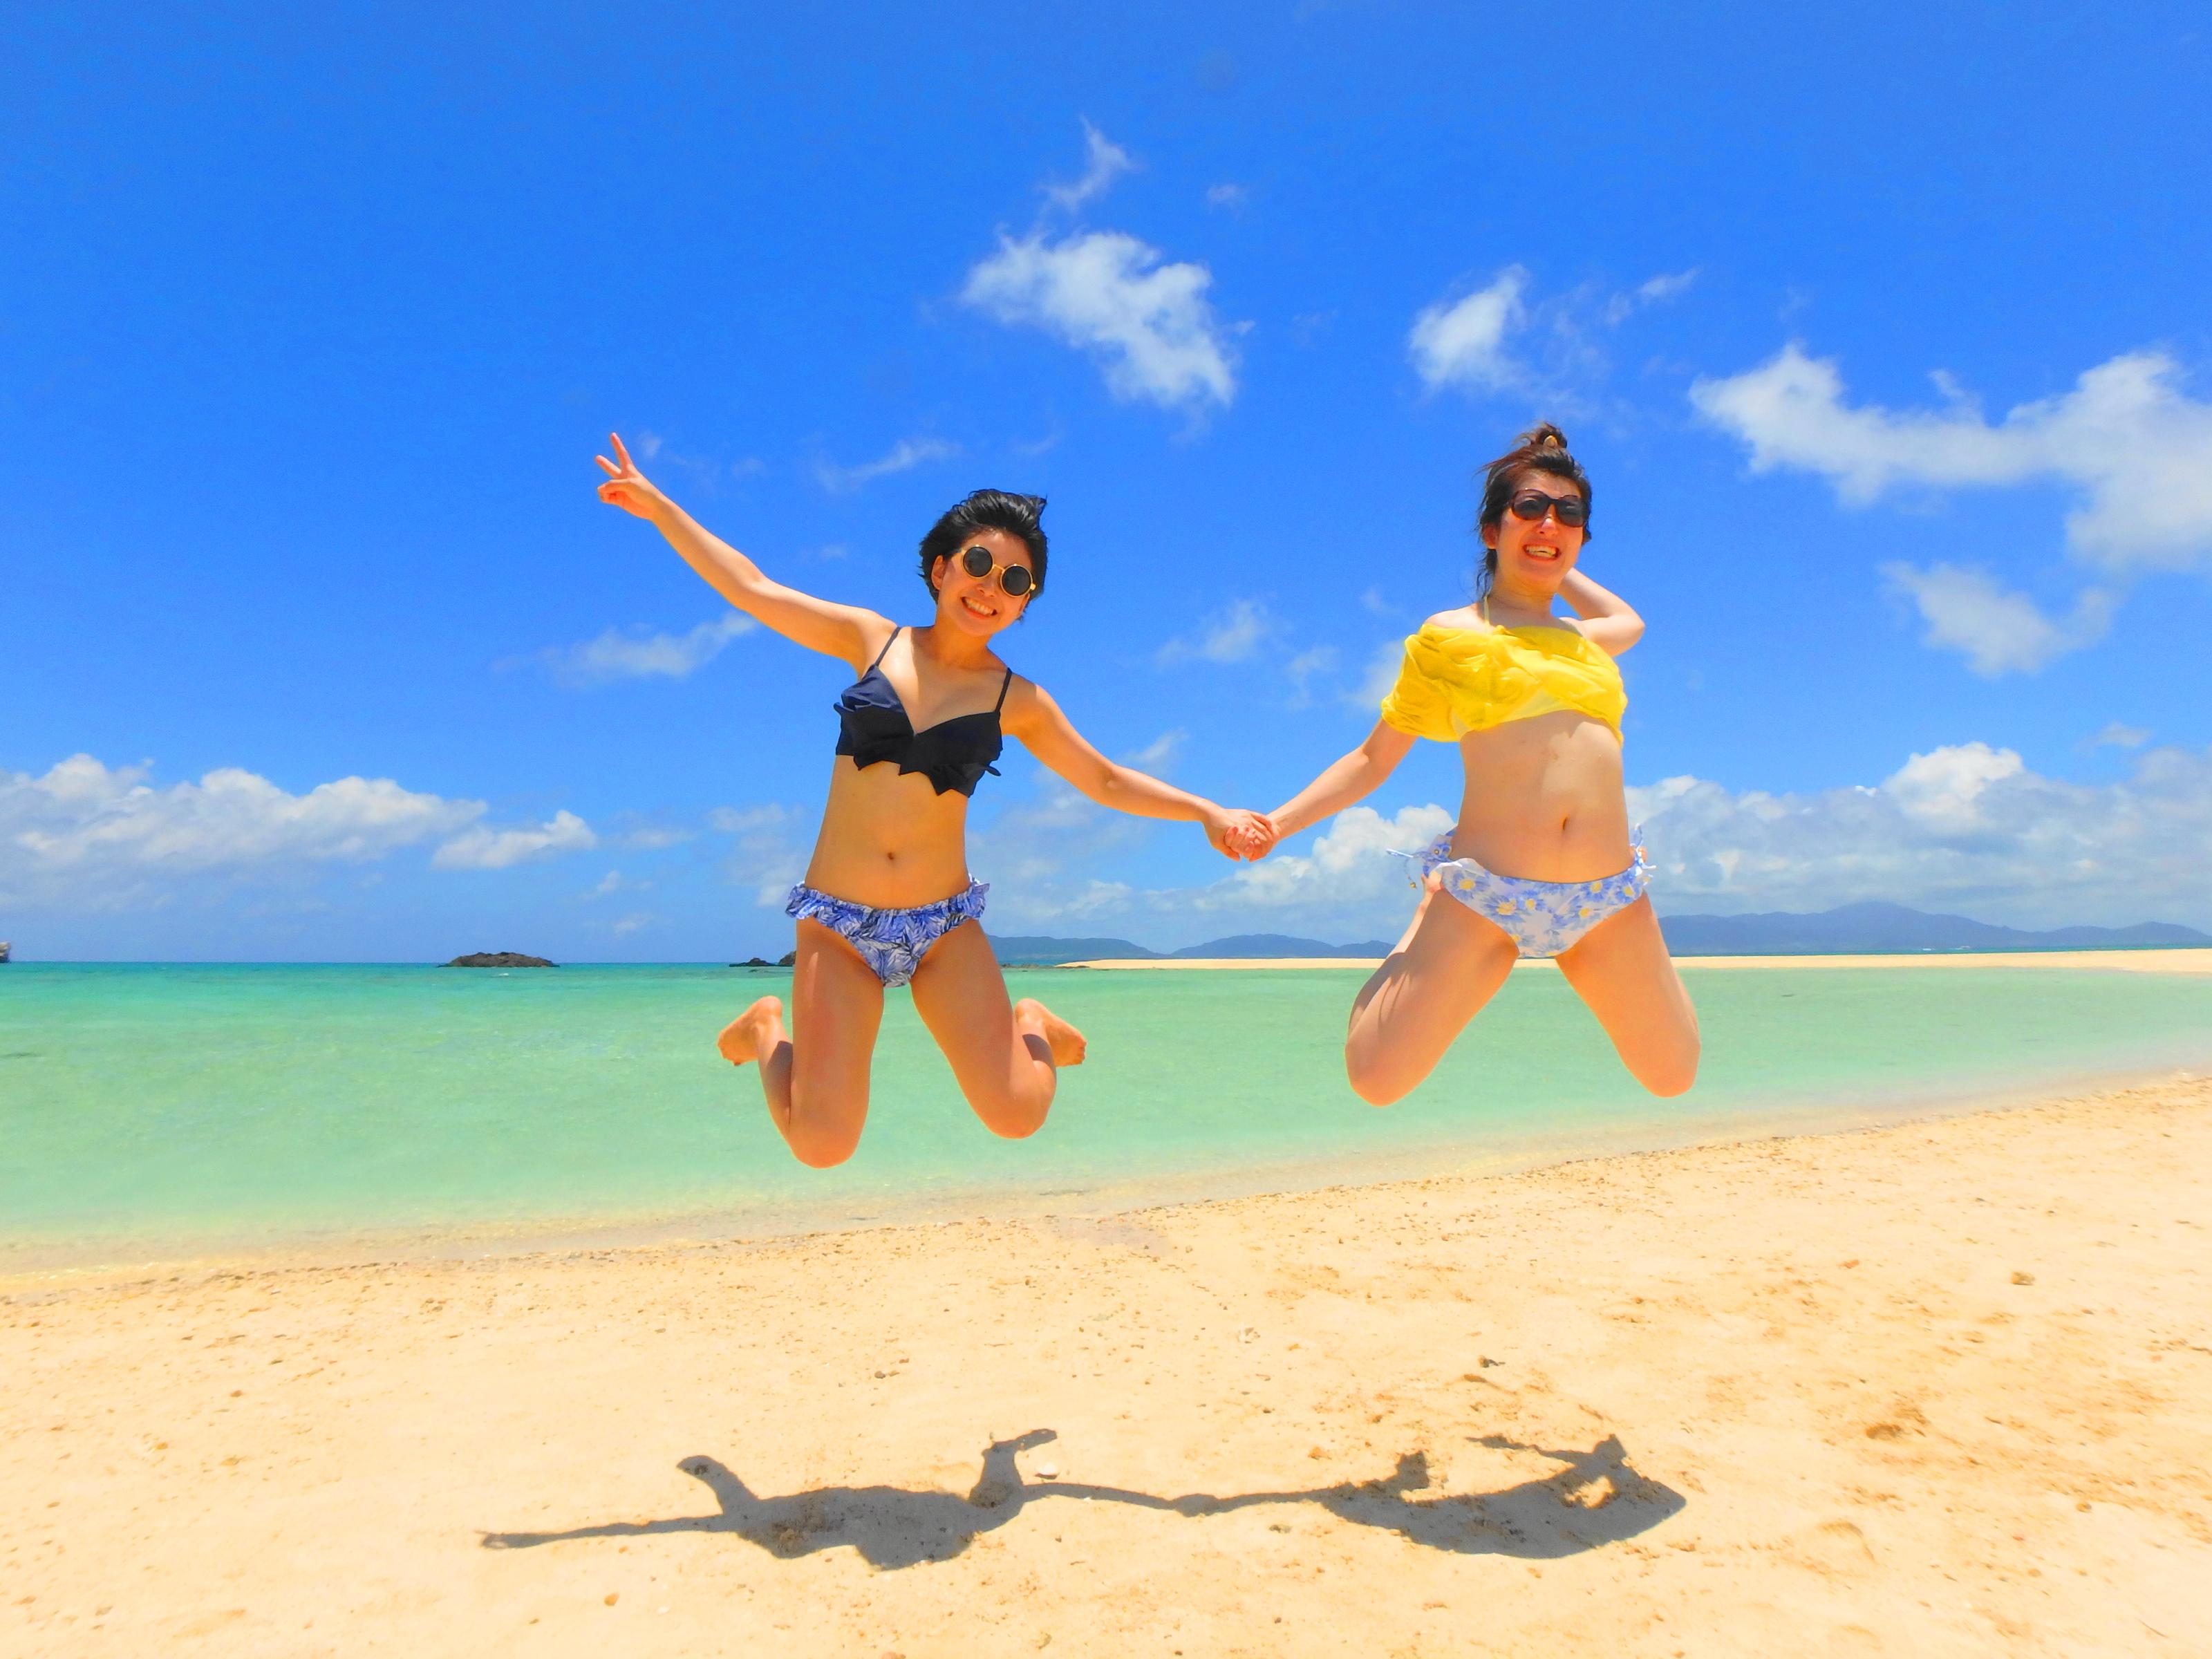 幻の島でジャンプ